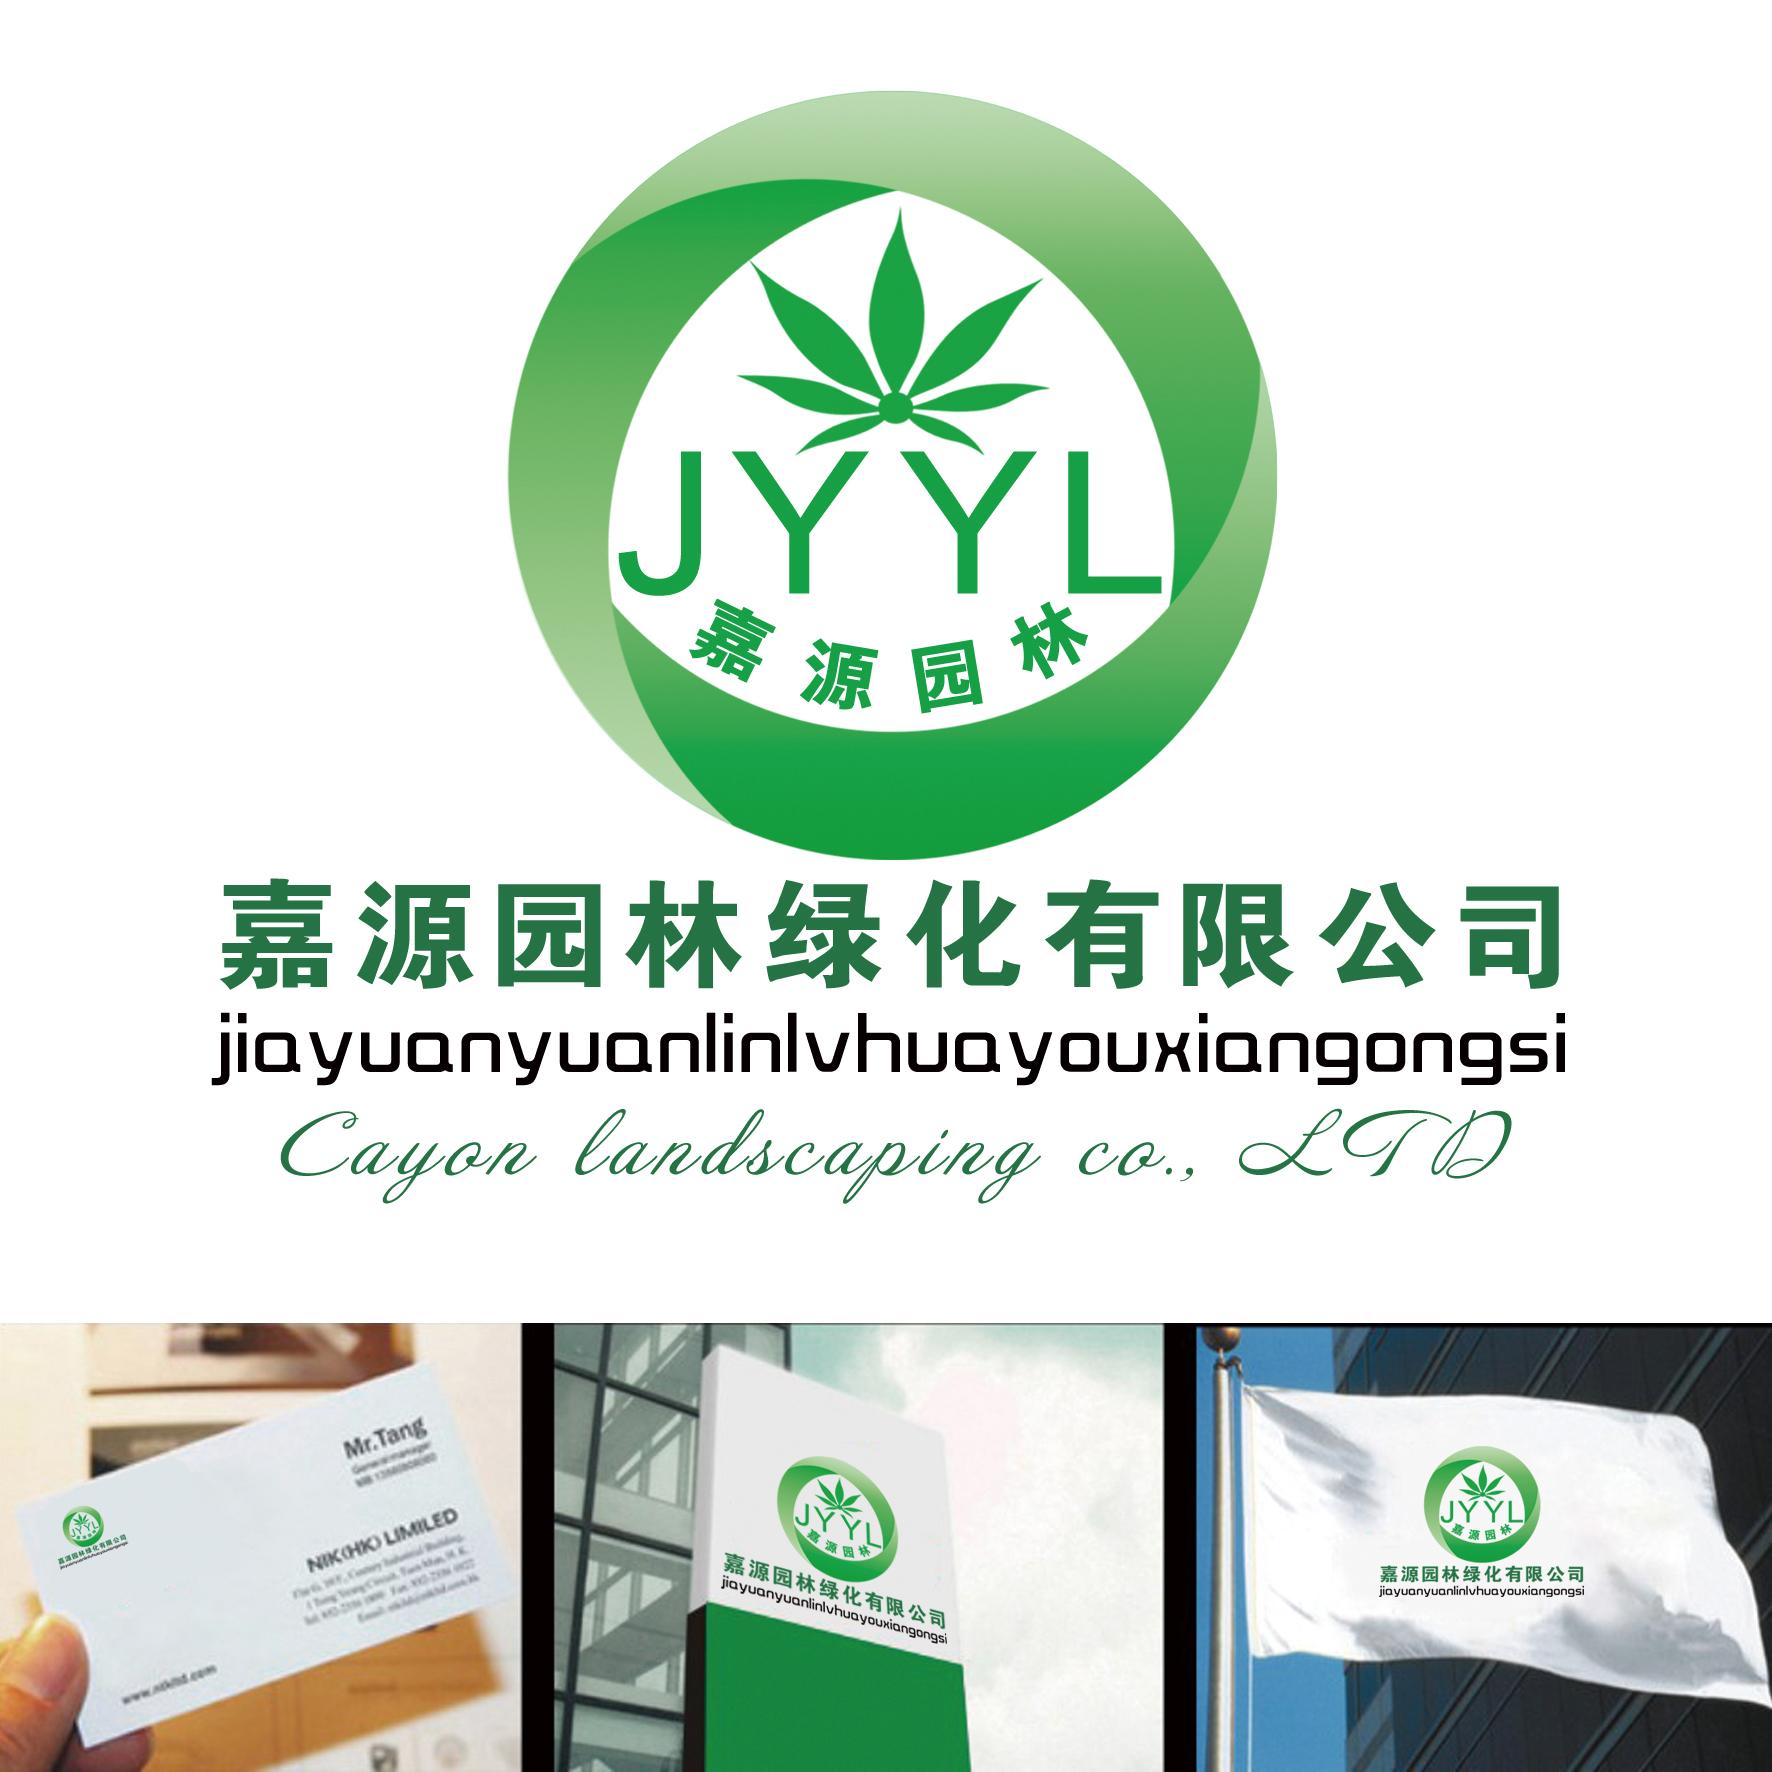 园林绿化公司logo设计图片